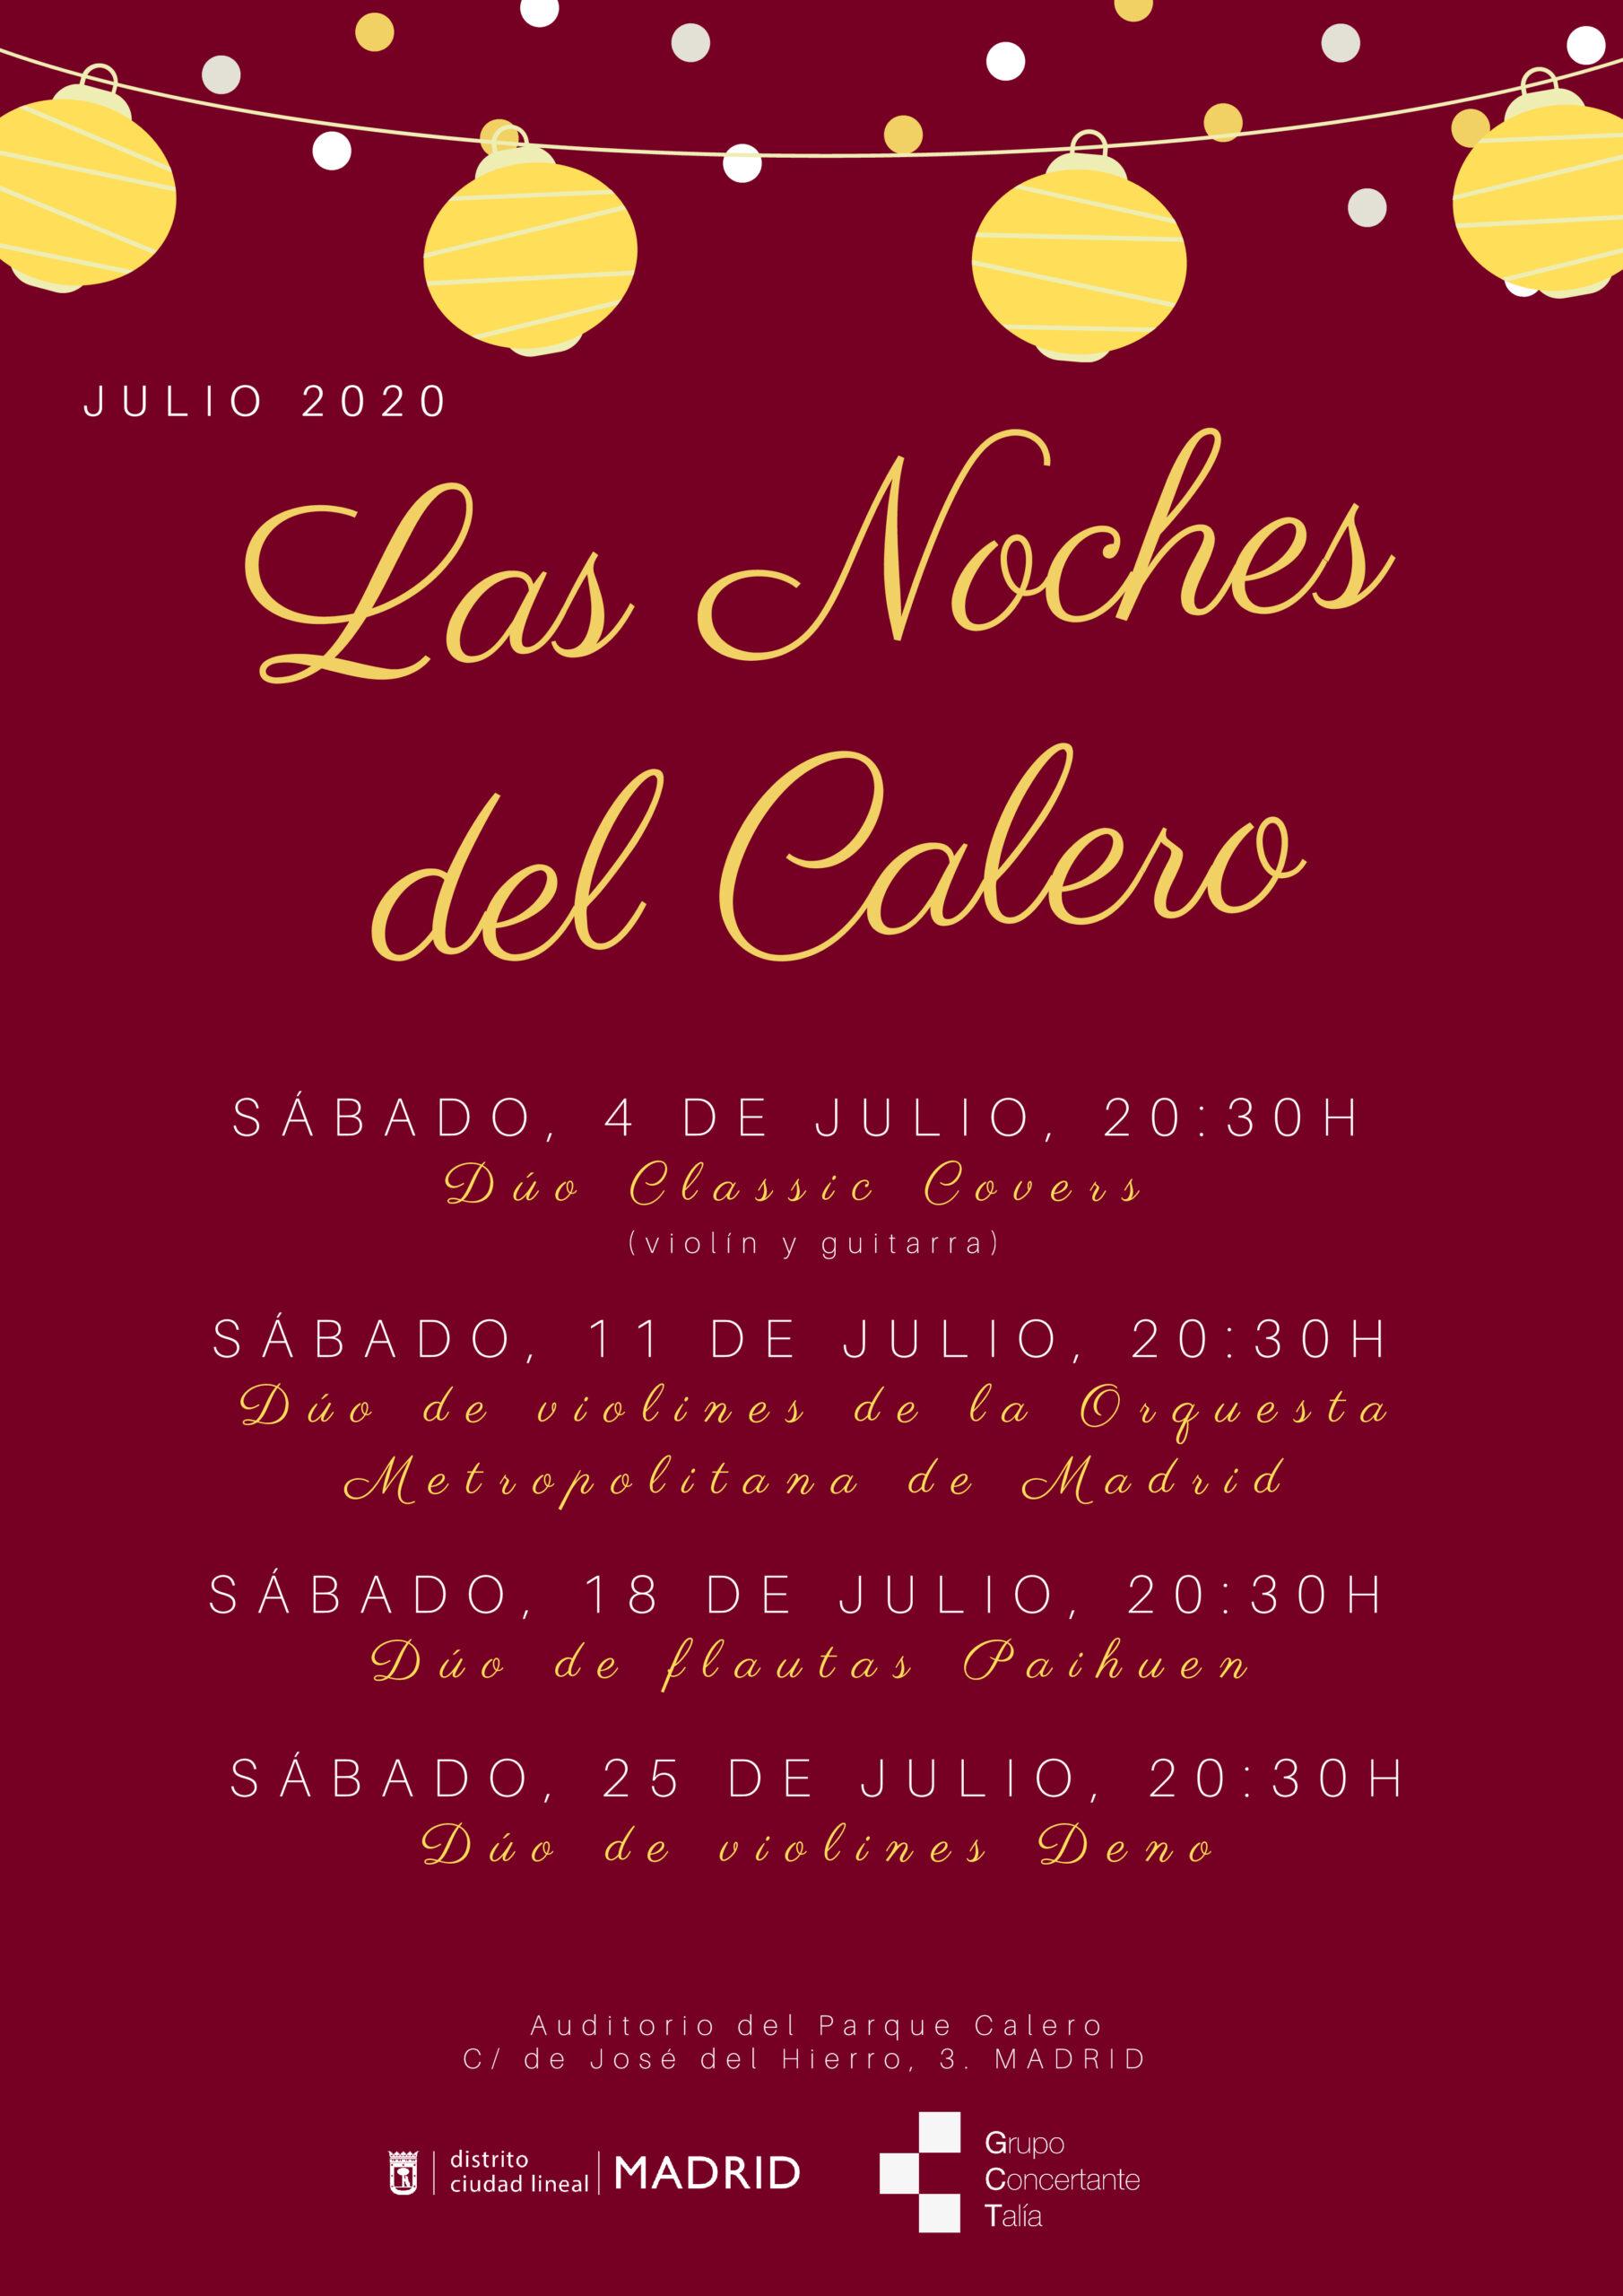 Las orquestas del Grupo Talía en Concierto en el Auditorio del Parque de El Calero